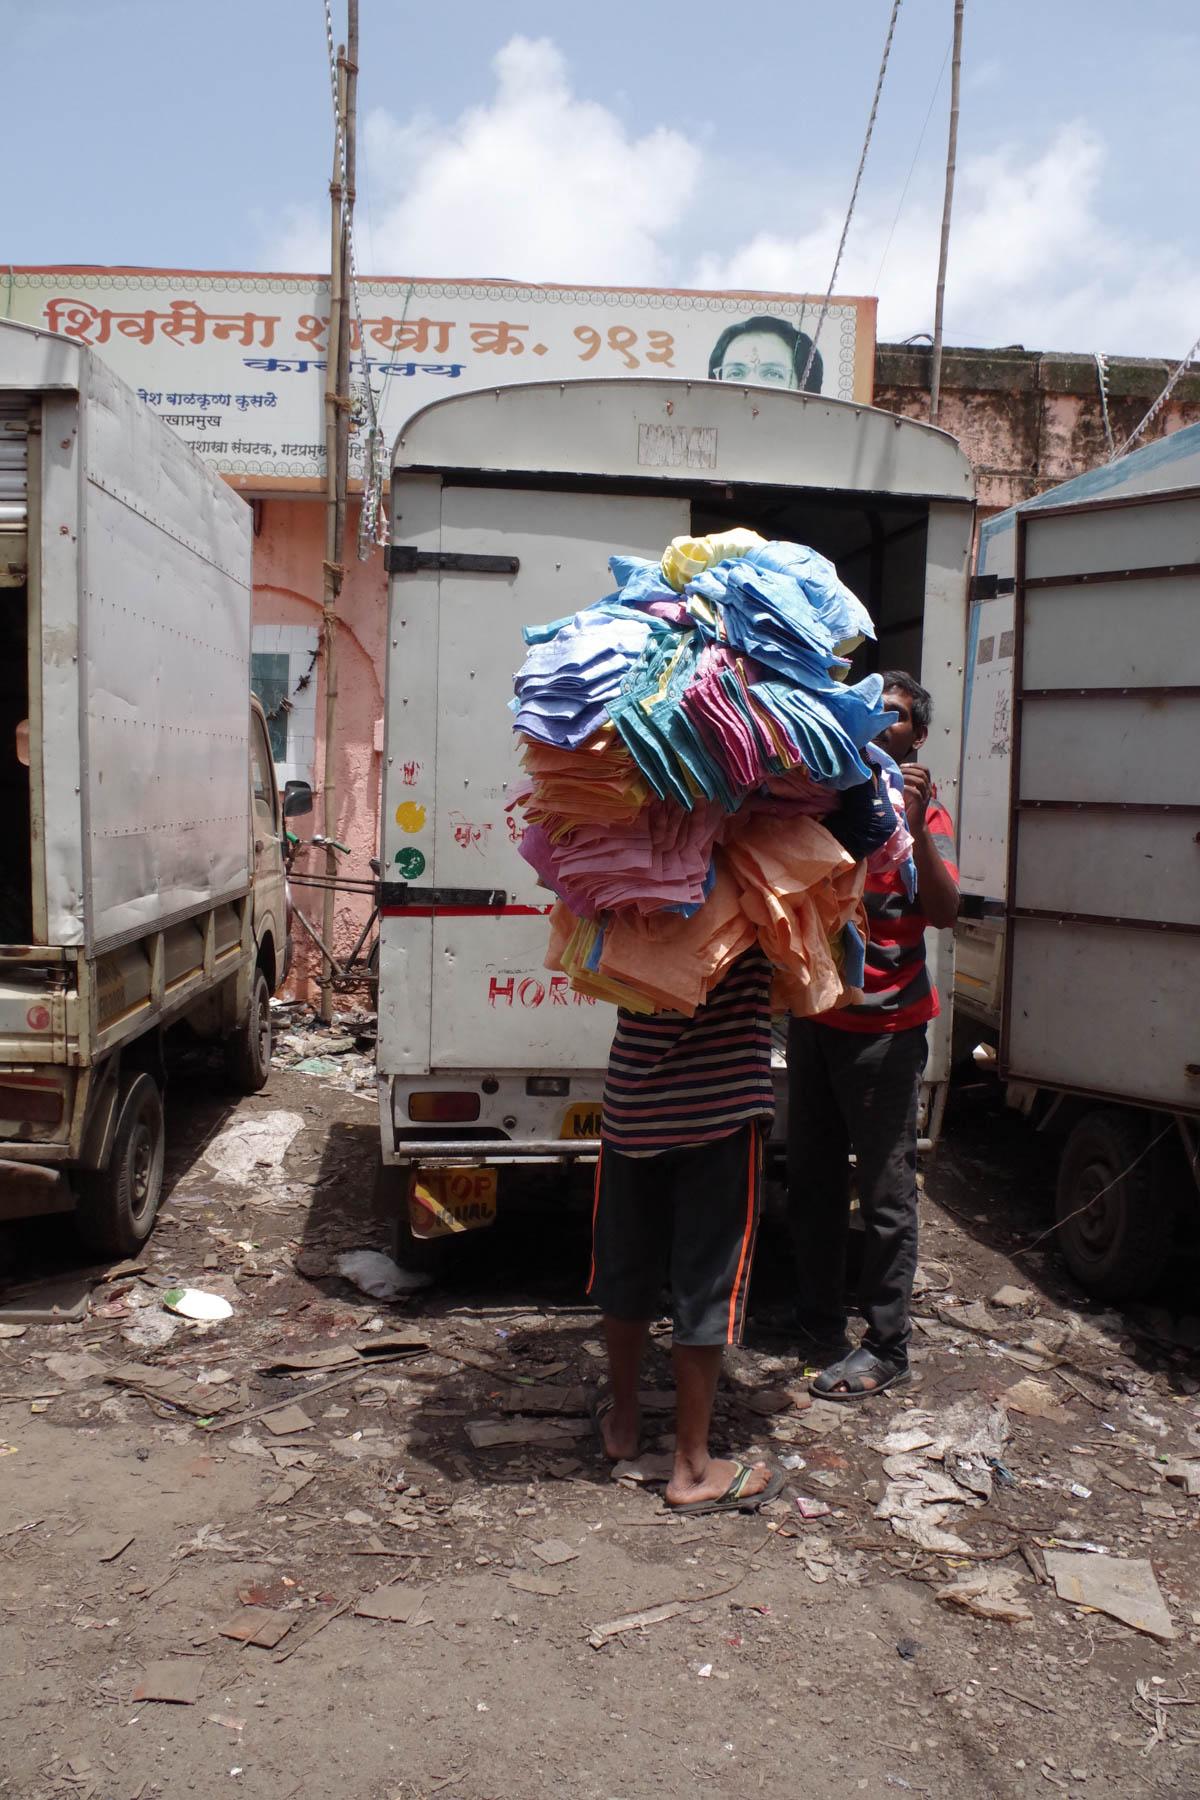 ムンバイ 巨大洗濯工場 ドービーガート 洗濯物を運ぶ人⑥